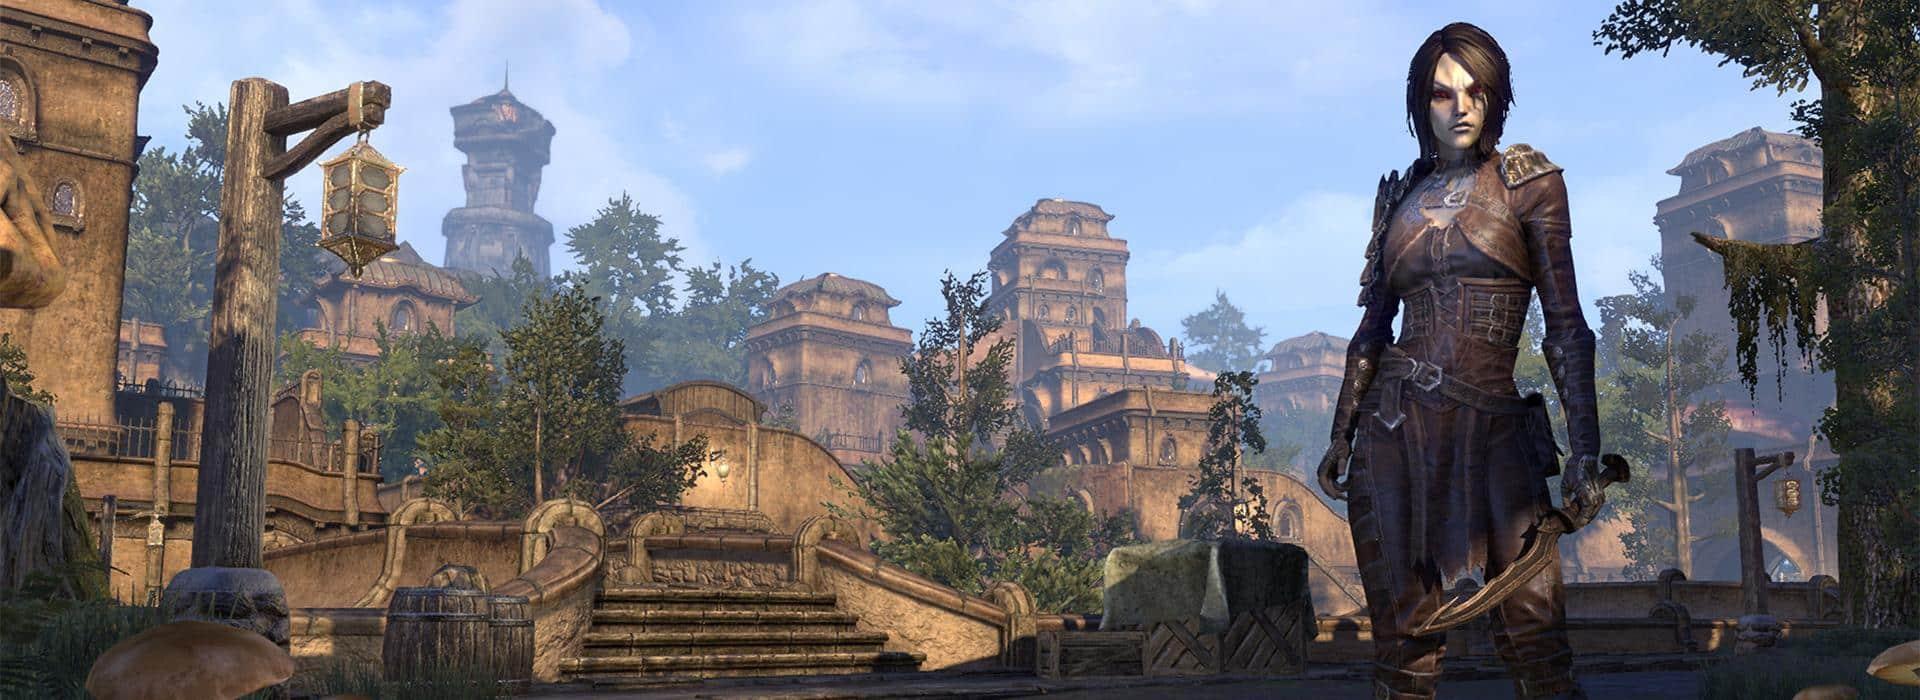 skyrim the forgotten city guide